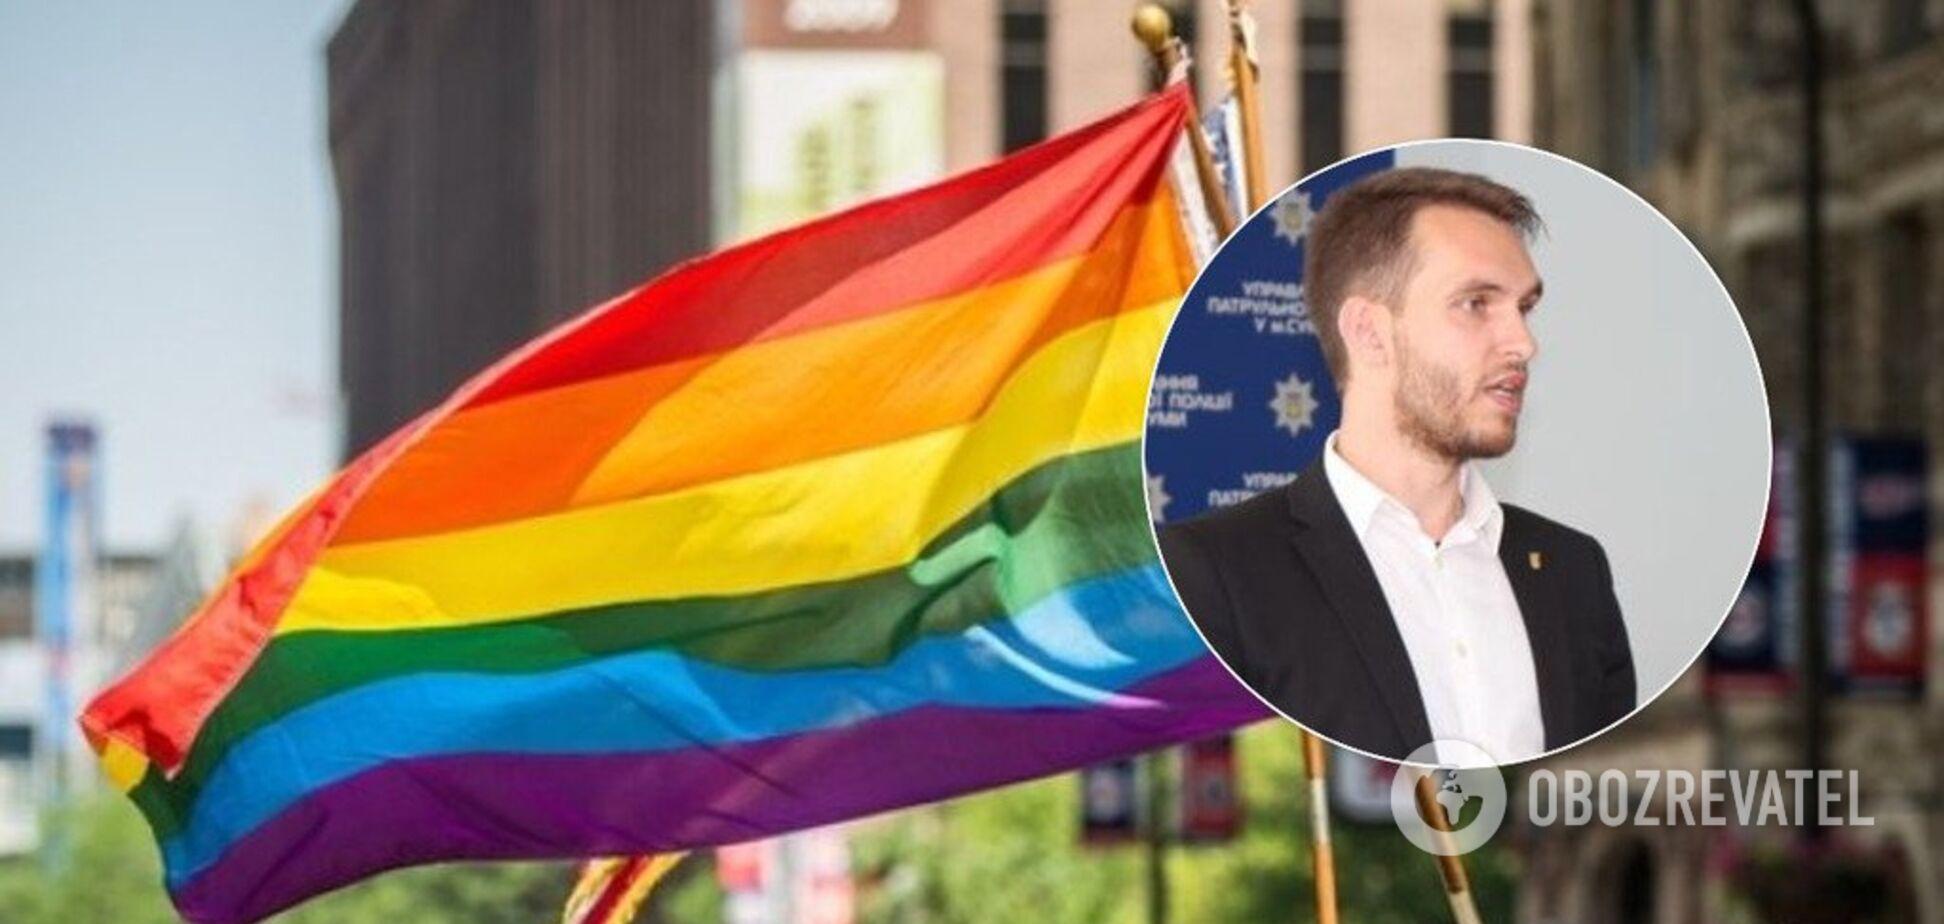 Геев и лесбиянок отправить в концлагеря: заммэра Сум объяснил свое заявление